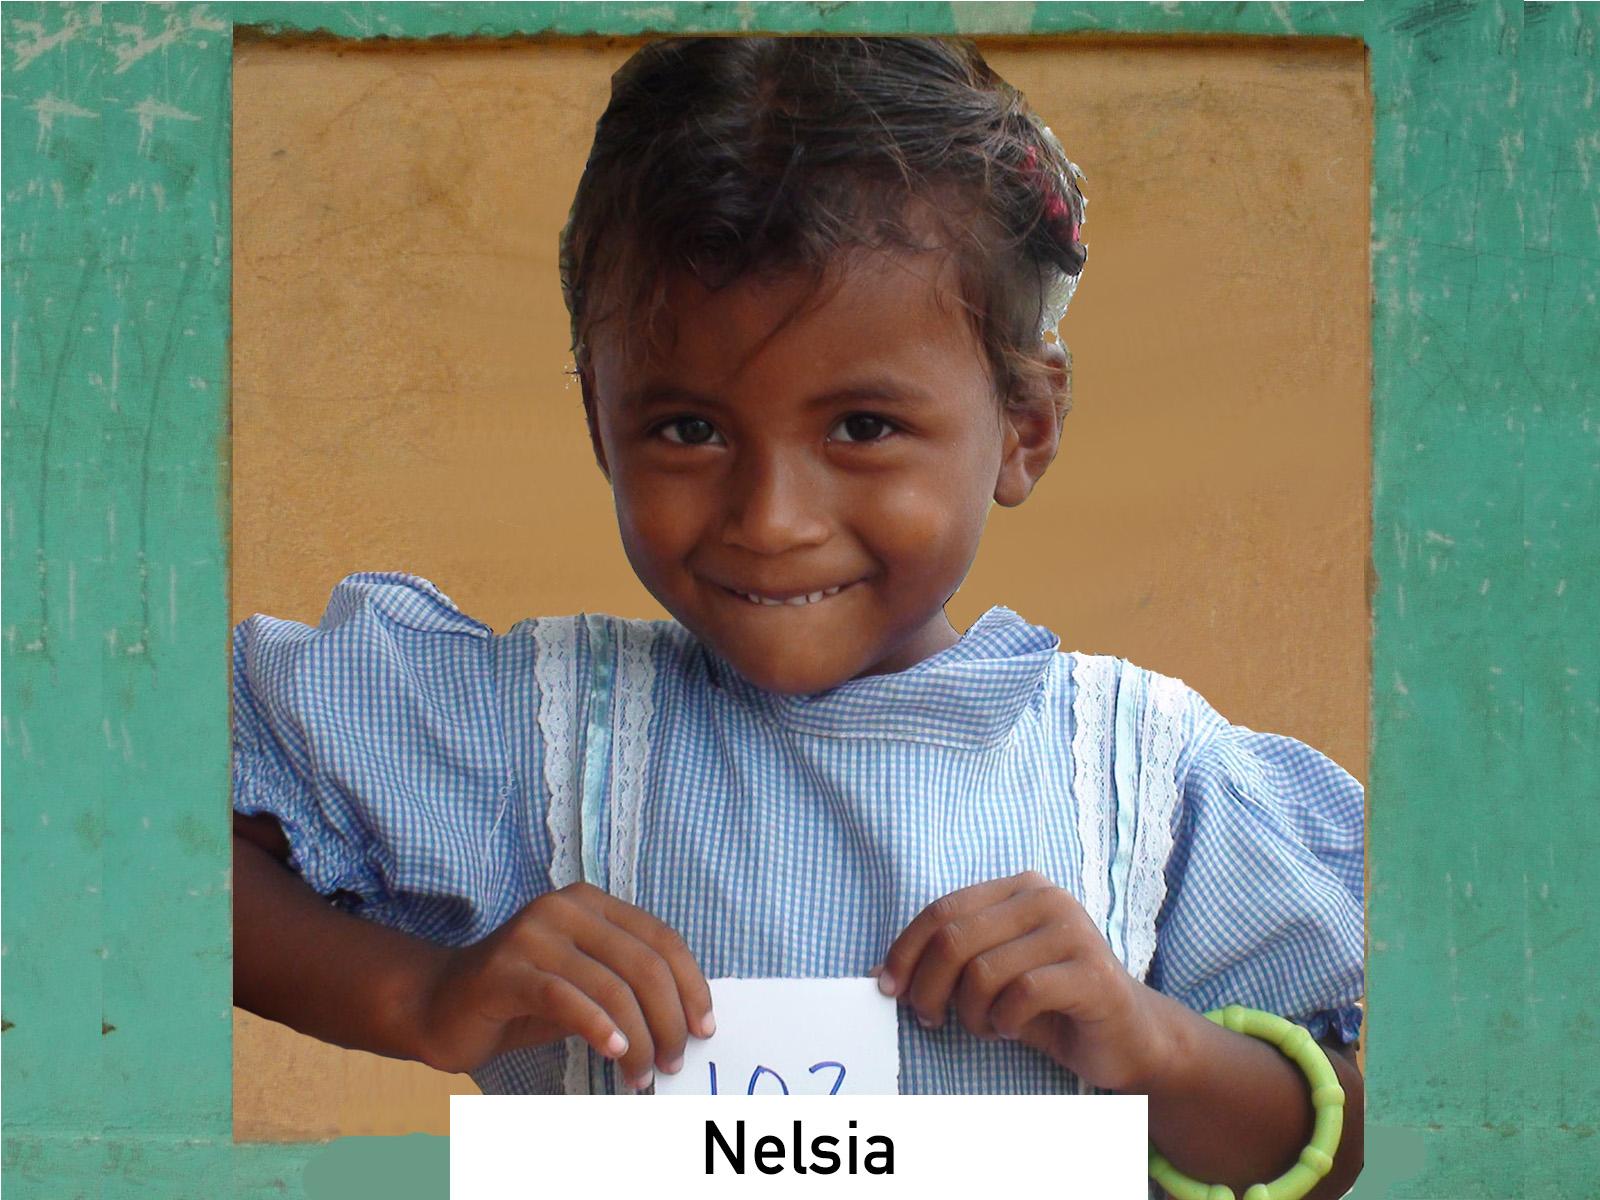 102 - Nelsia.jpg